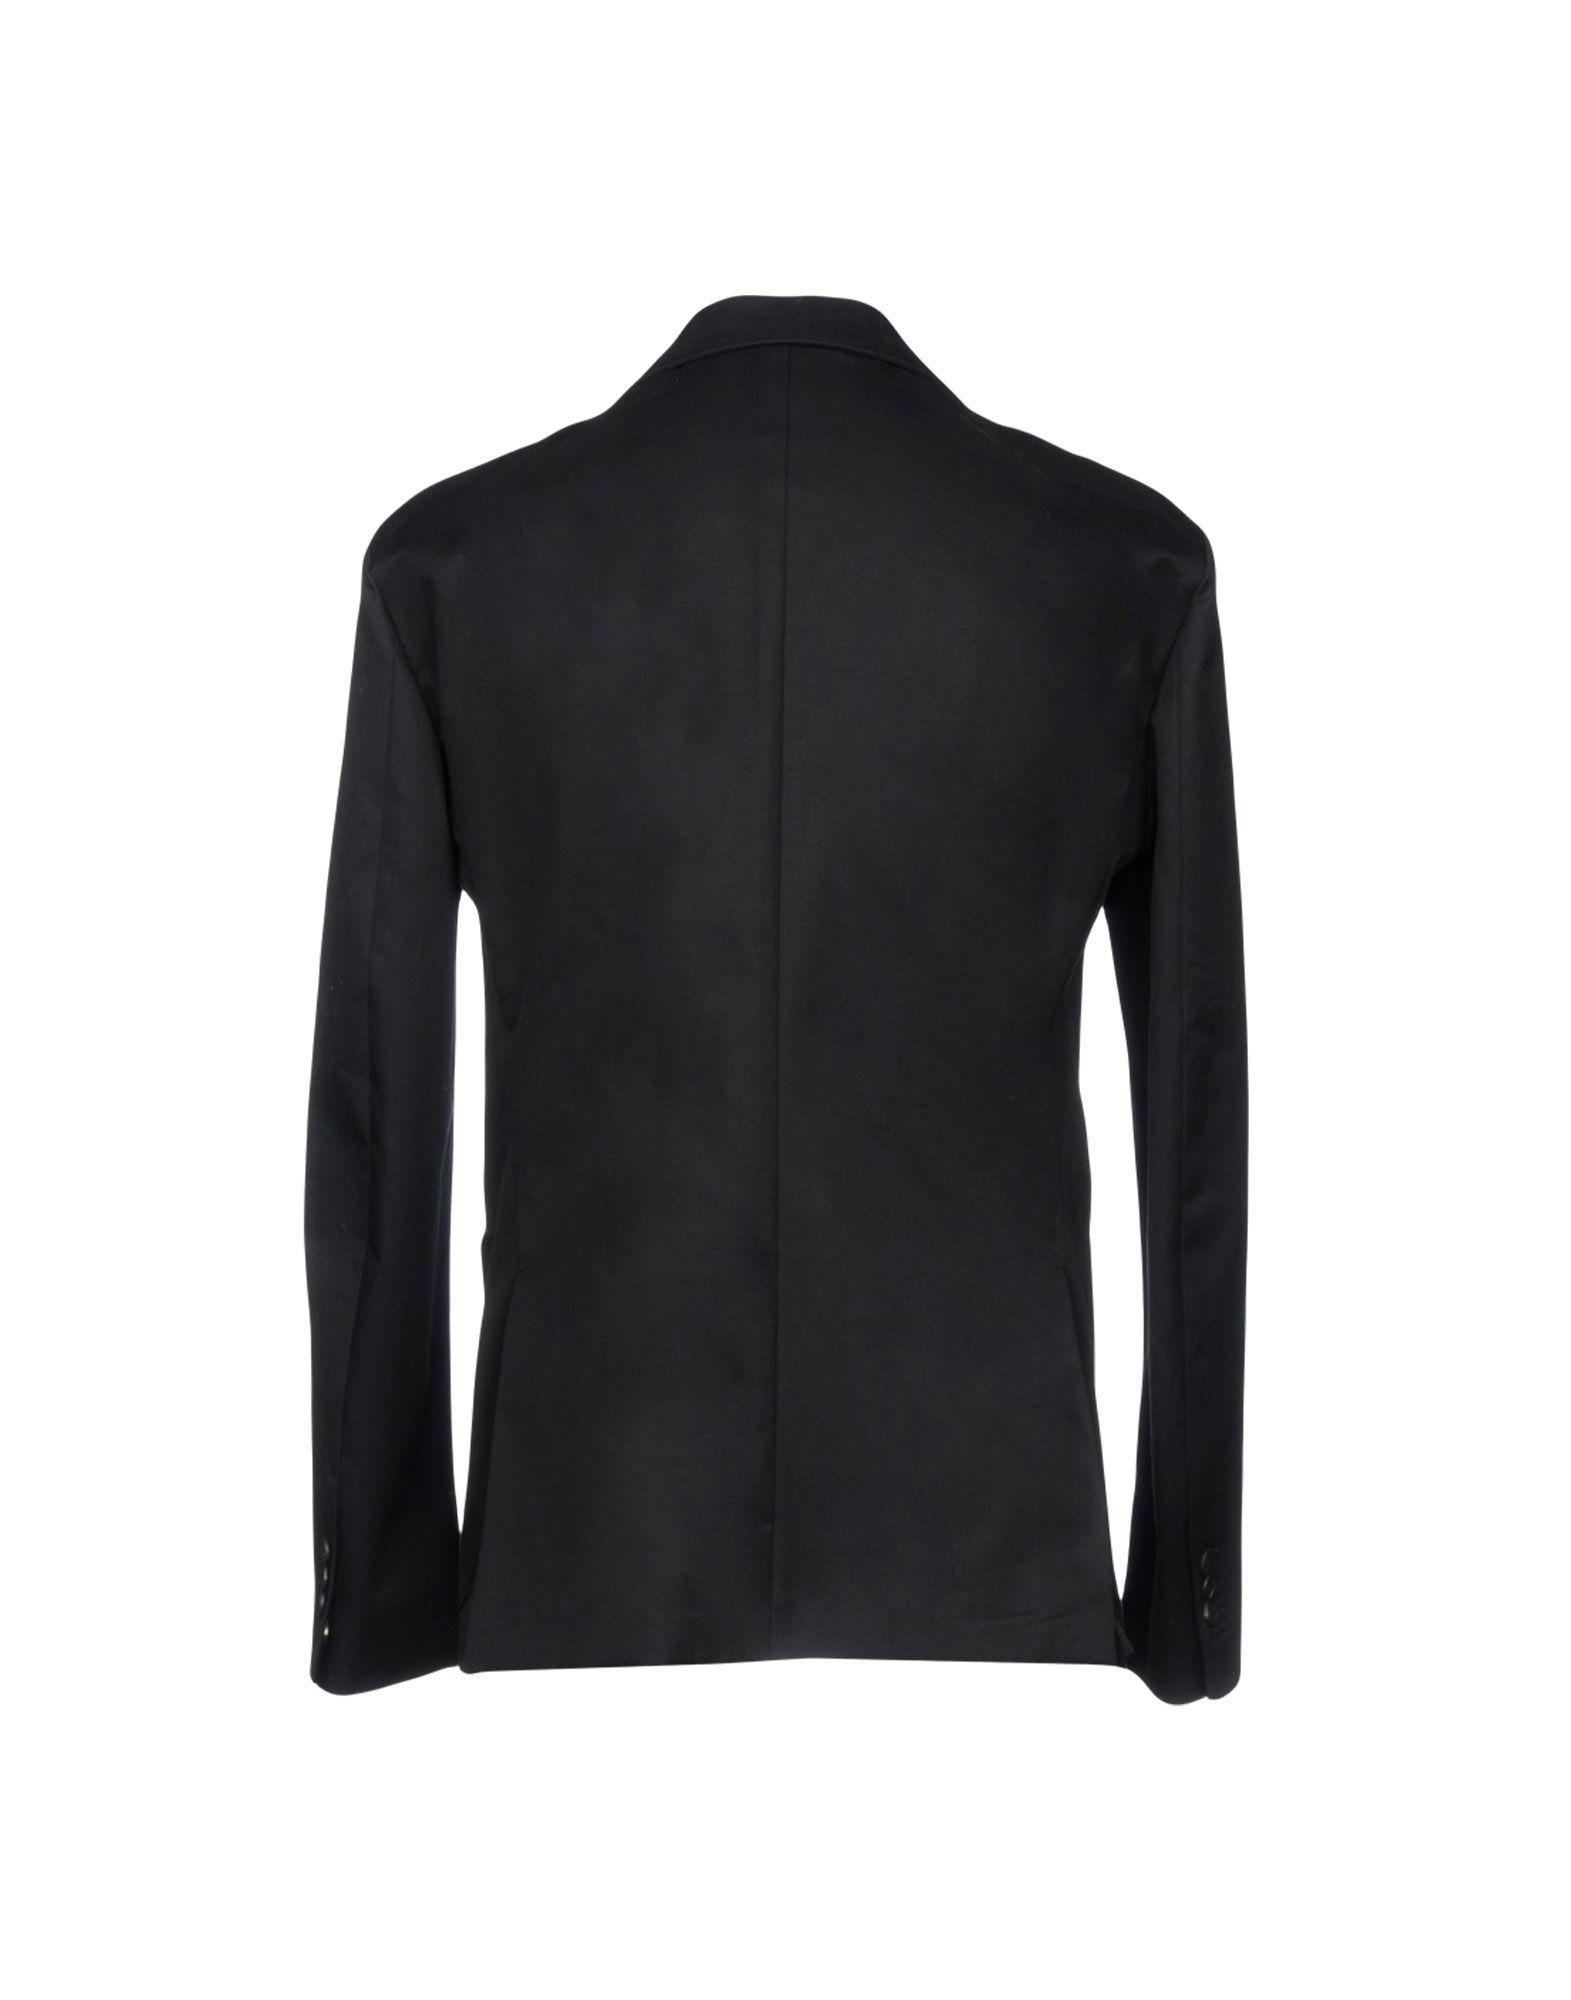 Dsquared2 Black Cotton Jacket